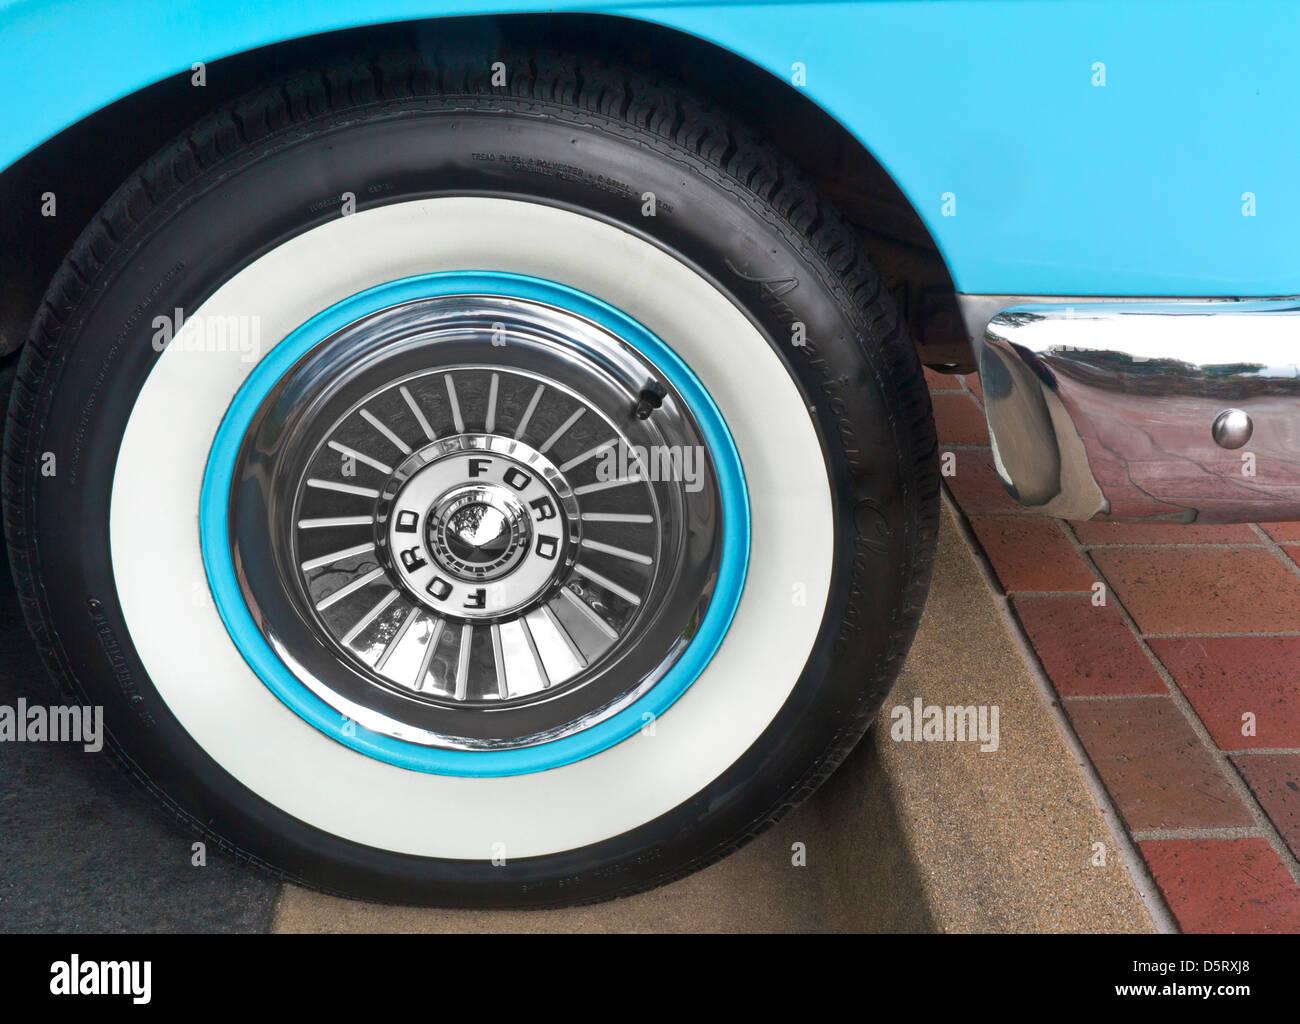 Détails sur les années 1950 Ford Fairlane Skyliner American Classic motor roue chromée et résurrection tire bouchon Banque D'Images